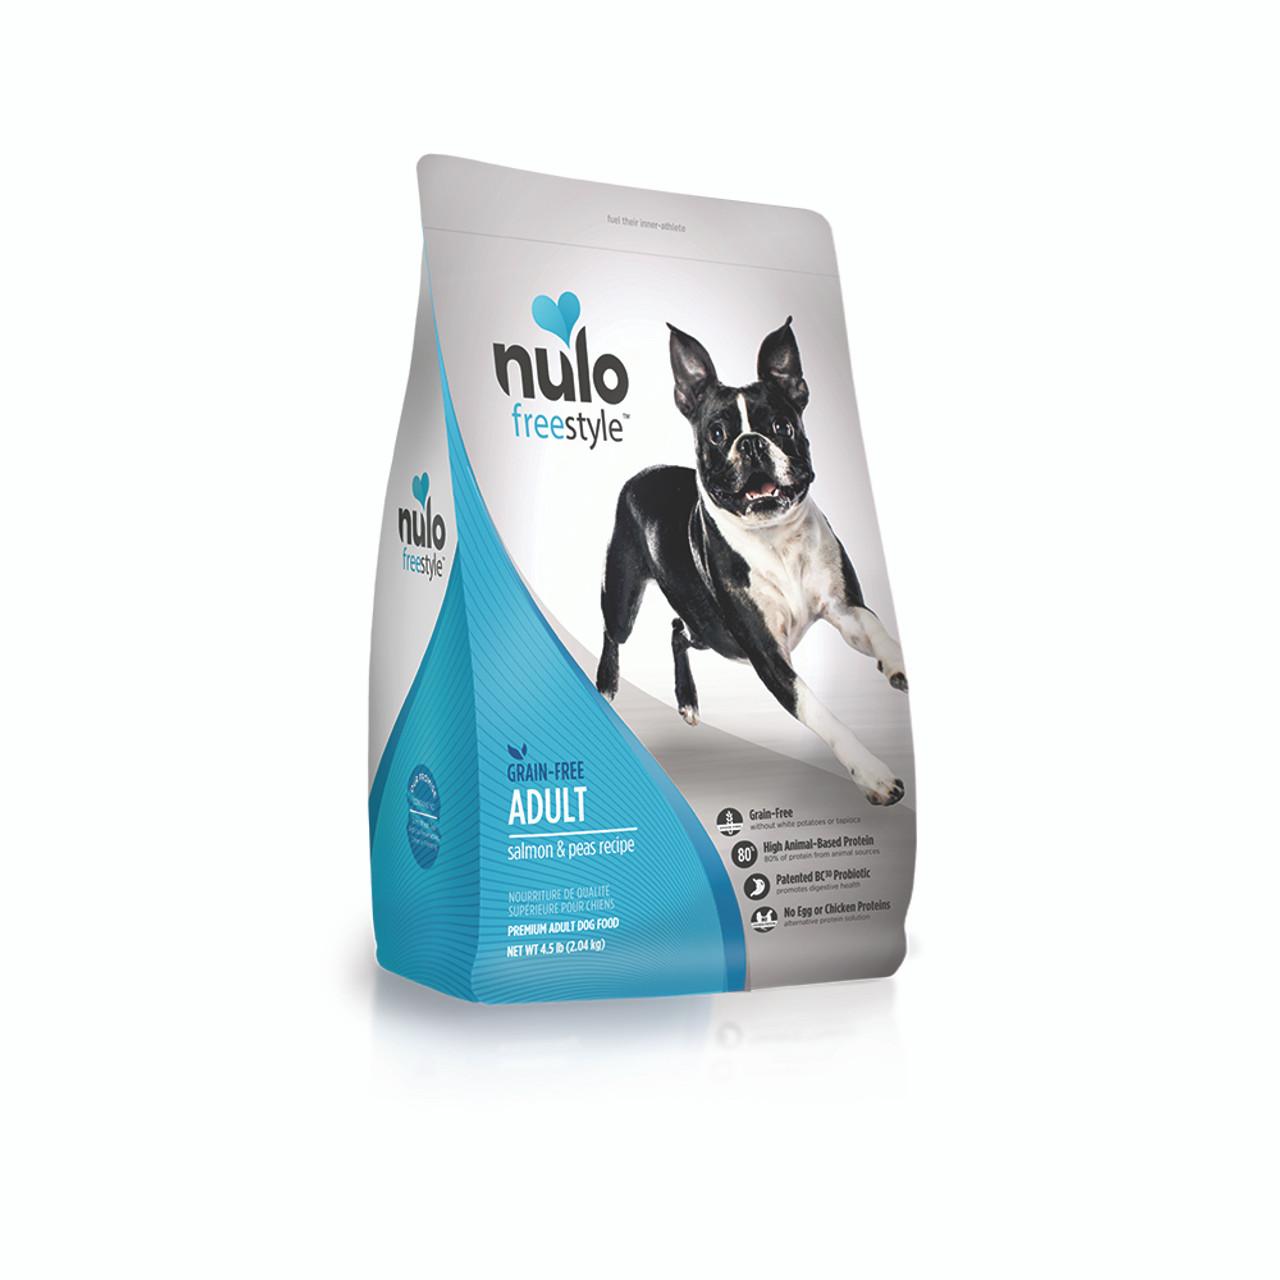 Nulo Freestyle Adult Salmon & Peas Dry Dog Food